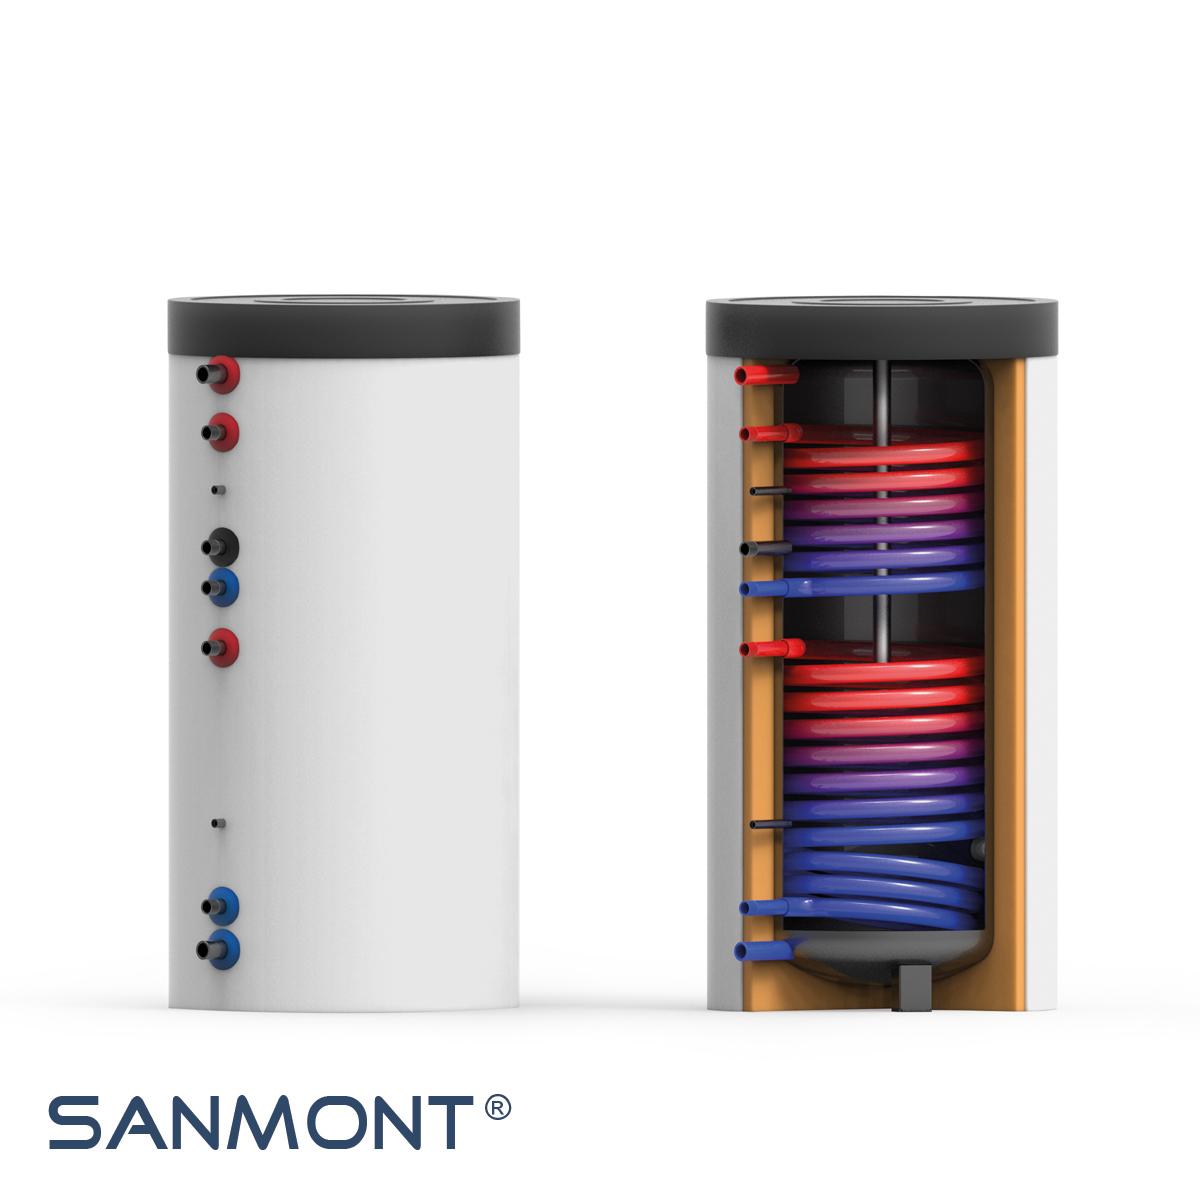 trinkwasser speicher 300 400 tws 2w compact sanmont shop heizk rper fussbodenheizung. Black Bedroom Furniture Sets. Home Design Ideas